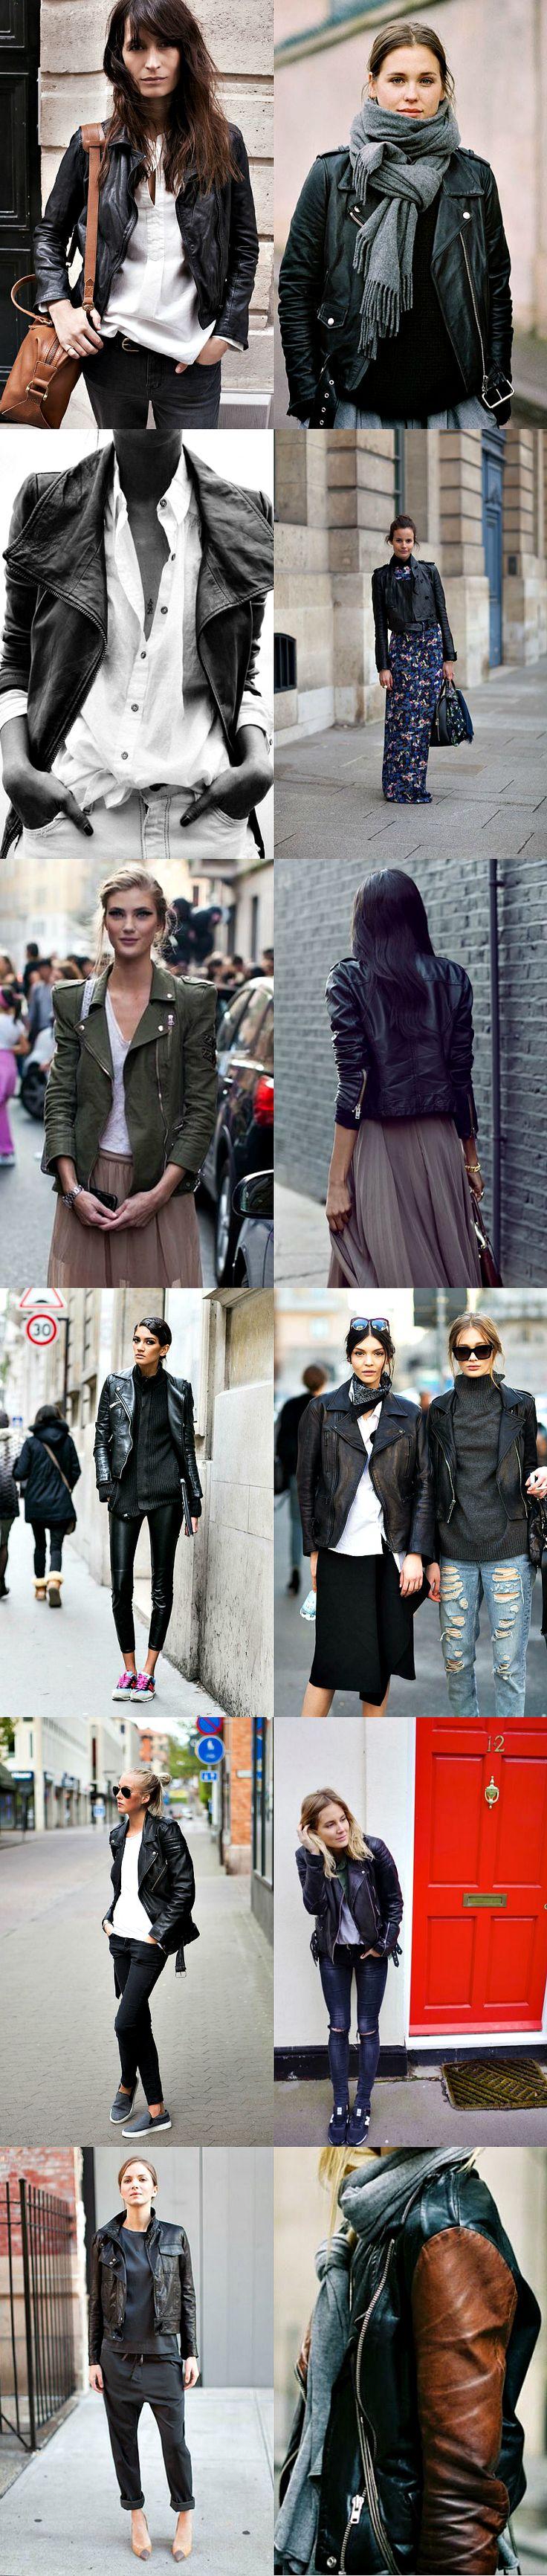 moto jacket street style..... la chaqueta de cuero Must Hace!?